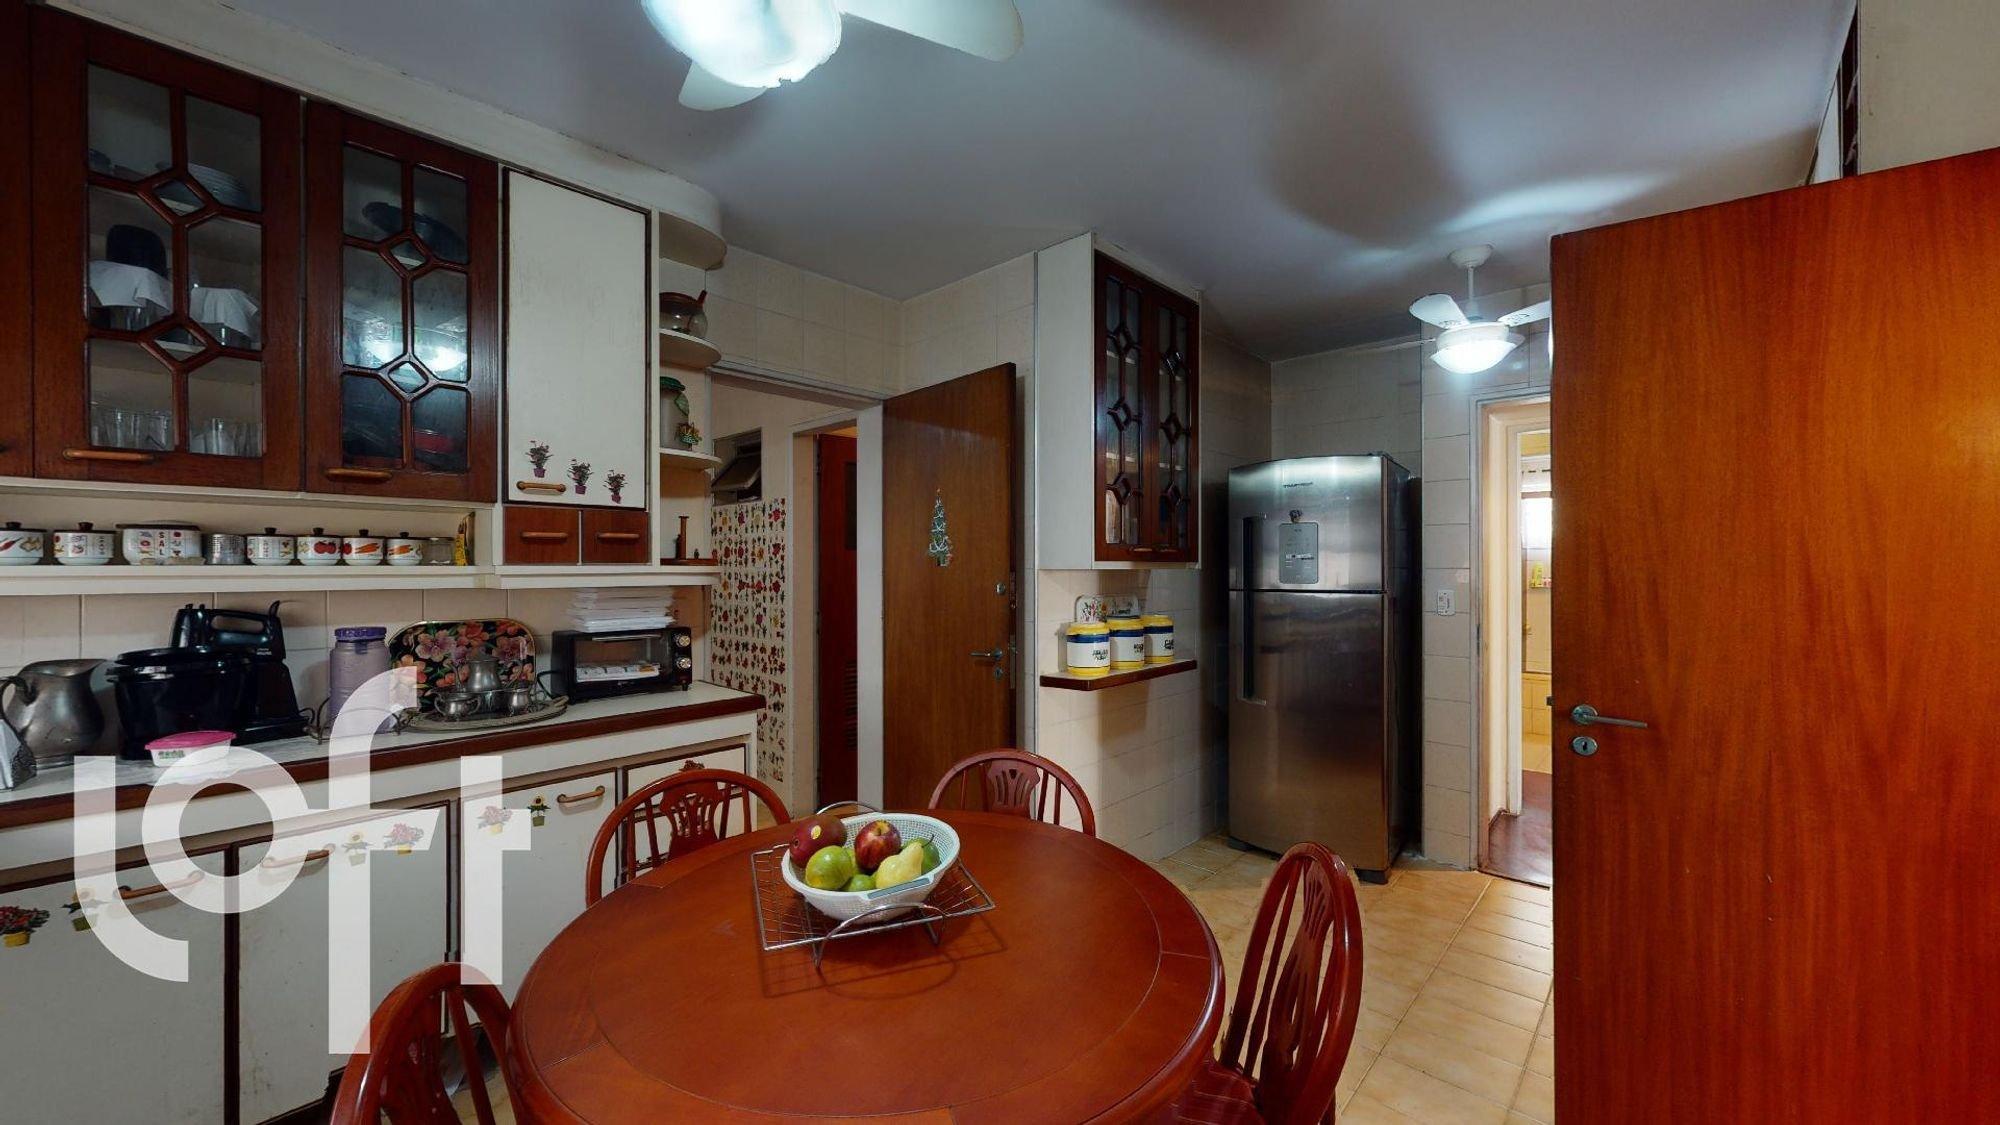 Foto de Cozinha com cadeira, mochila, mesa de jantar, tigela, geladeira, microondas, xícara